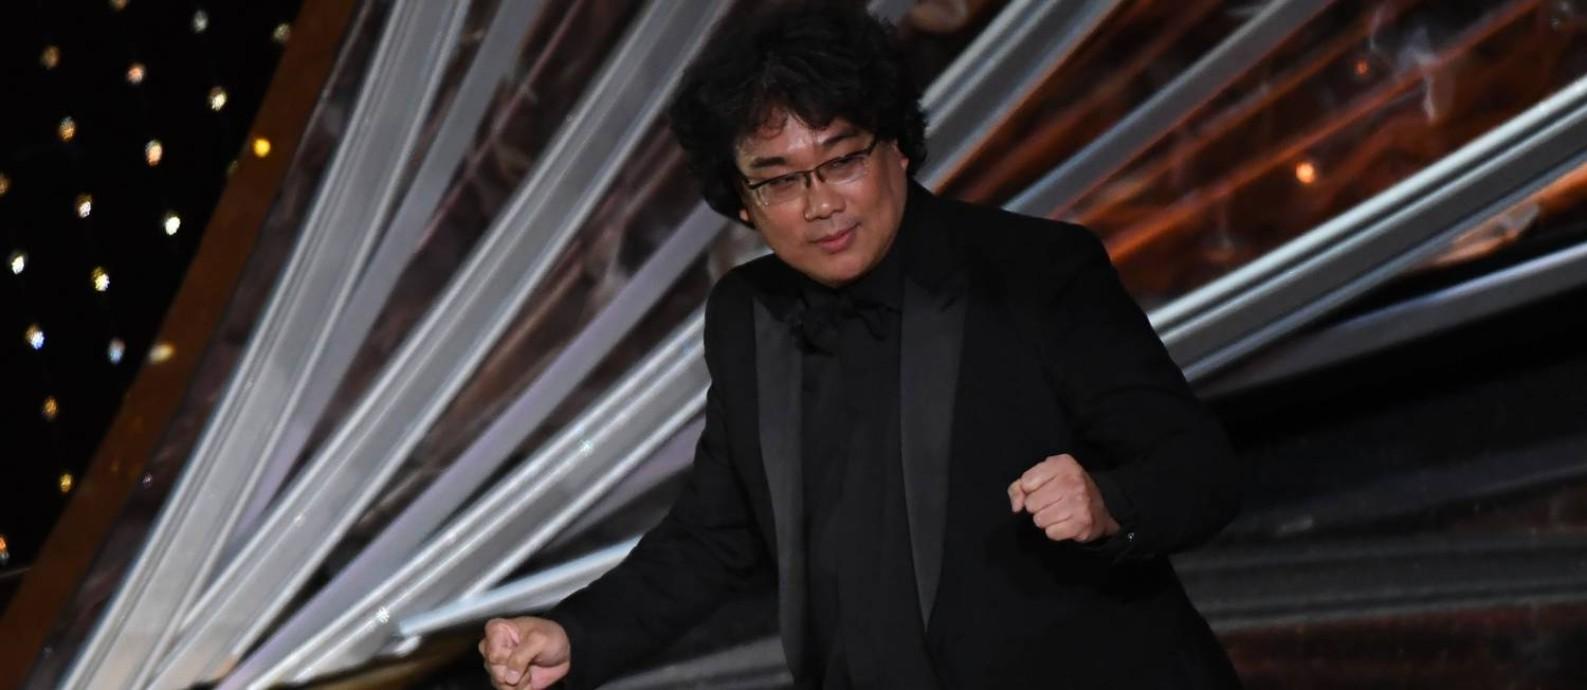 O diretor Bong Joon-ho celebra a vitória de melhor filme de 'Parasita' no Oscar 2020 Foto: MARK RALSTON / AFP